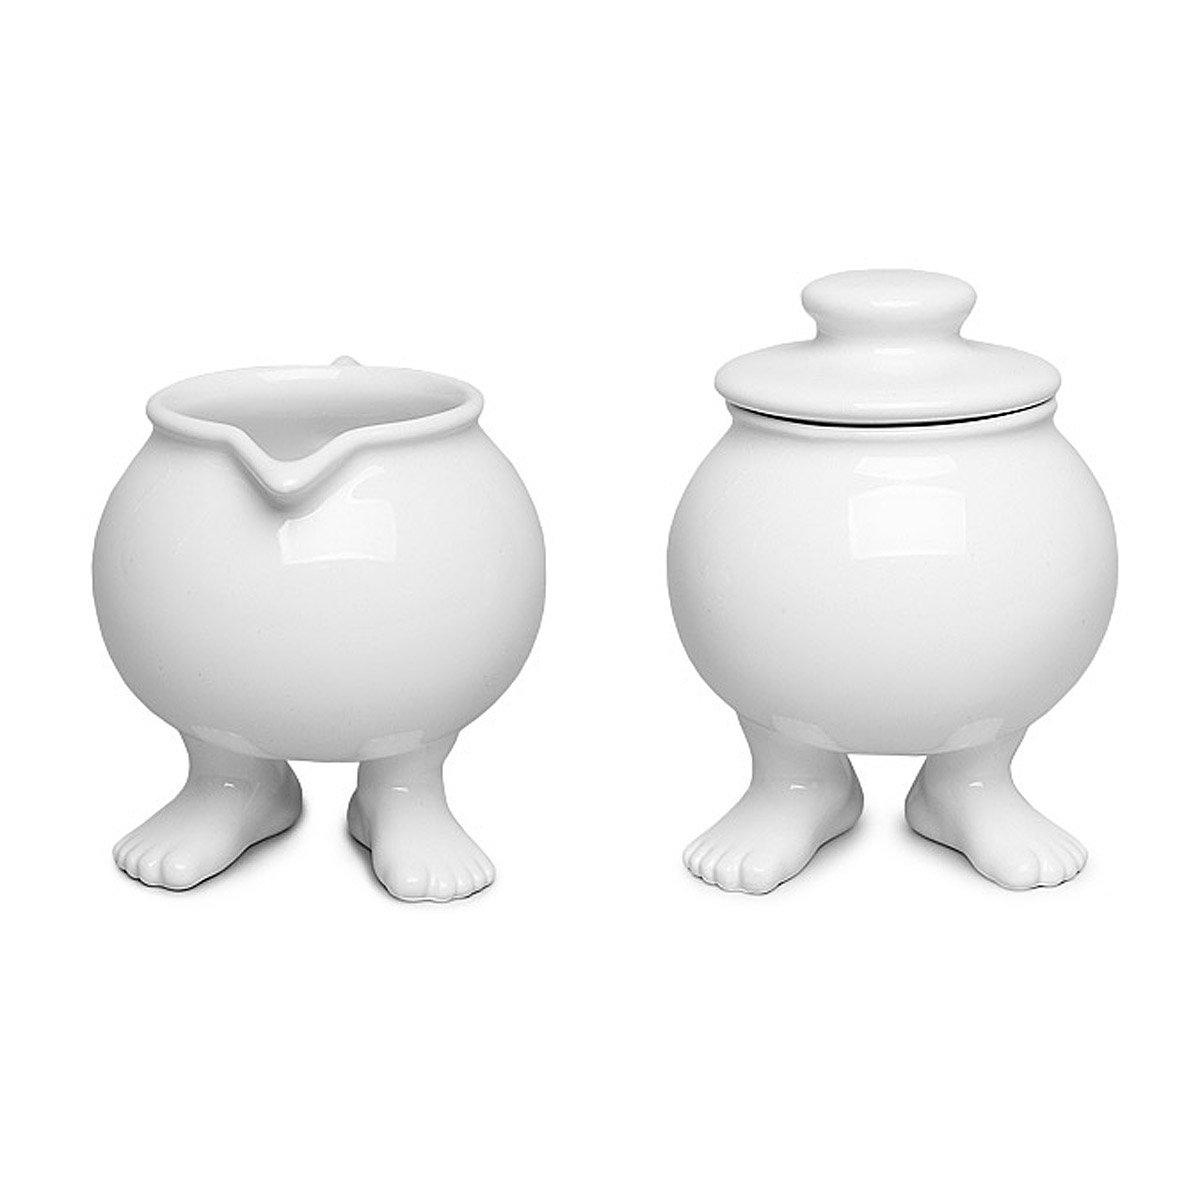 footed sugar bowl  creamer set  stoneware dylan kendall unique  - footed sugar bowl  creamer set  thumbnail